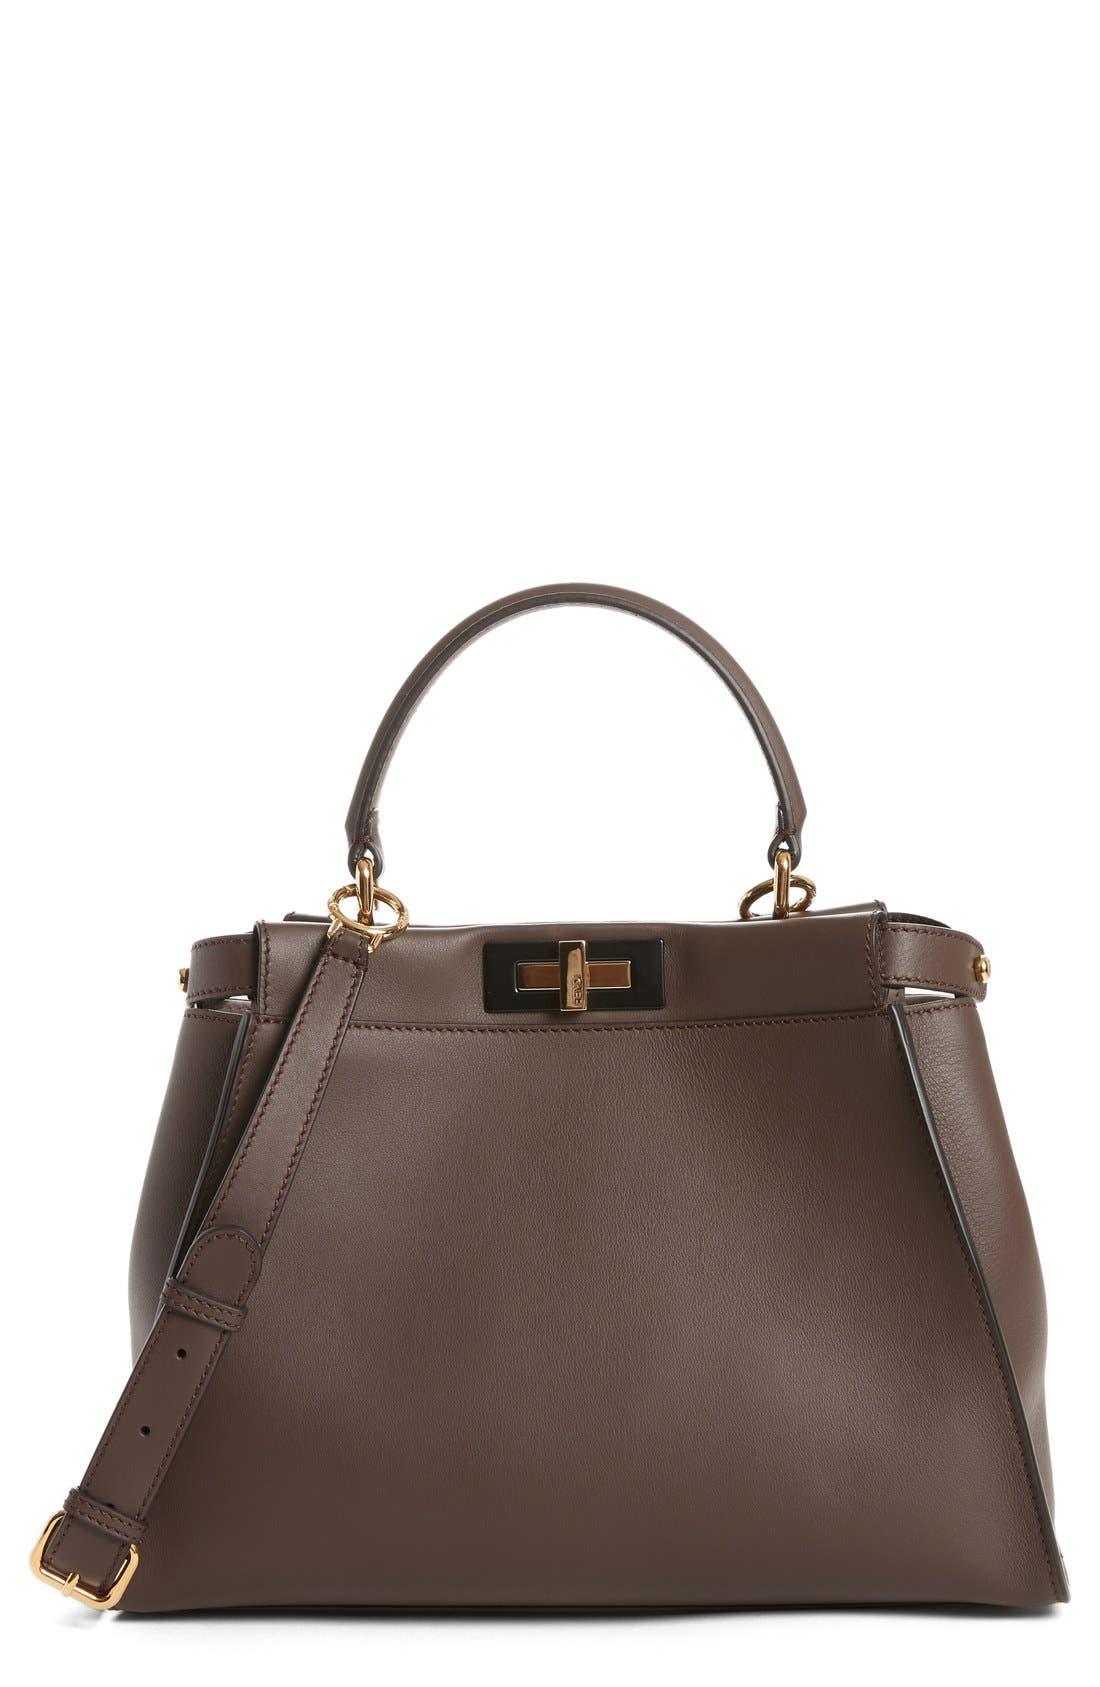 Alternate Image 1 Selected - Fendi 'Peek-A-Boo' Medium Crossbody Bag